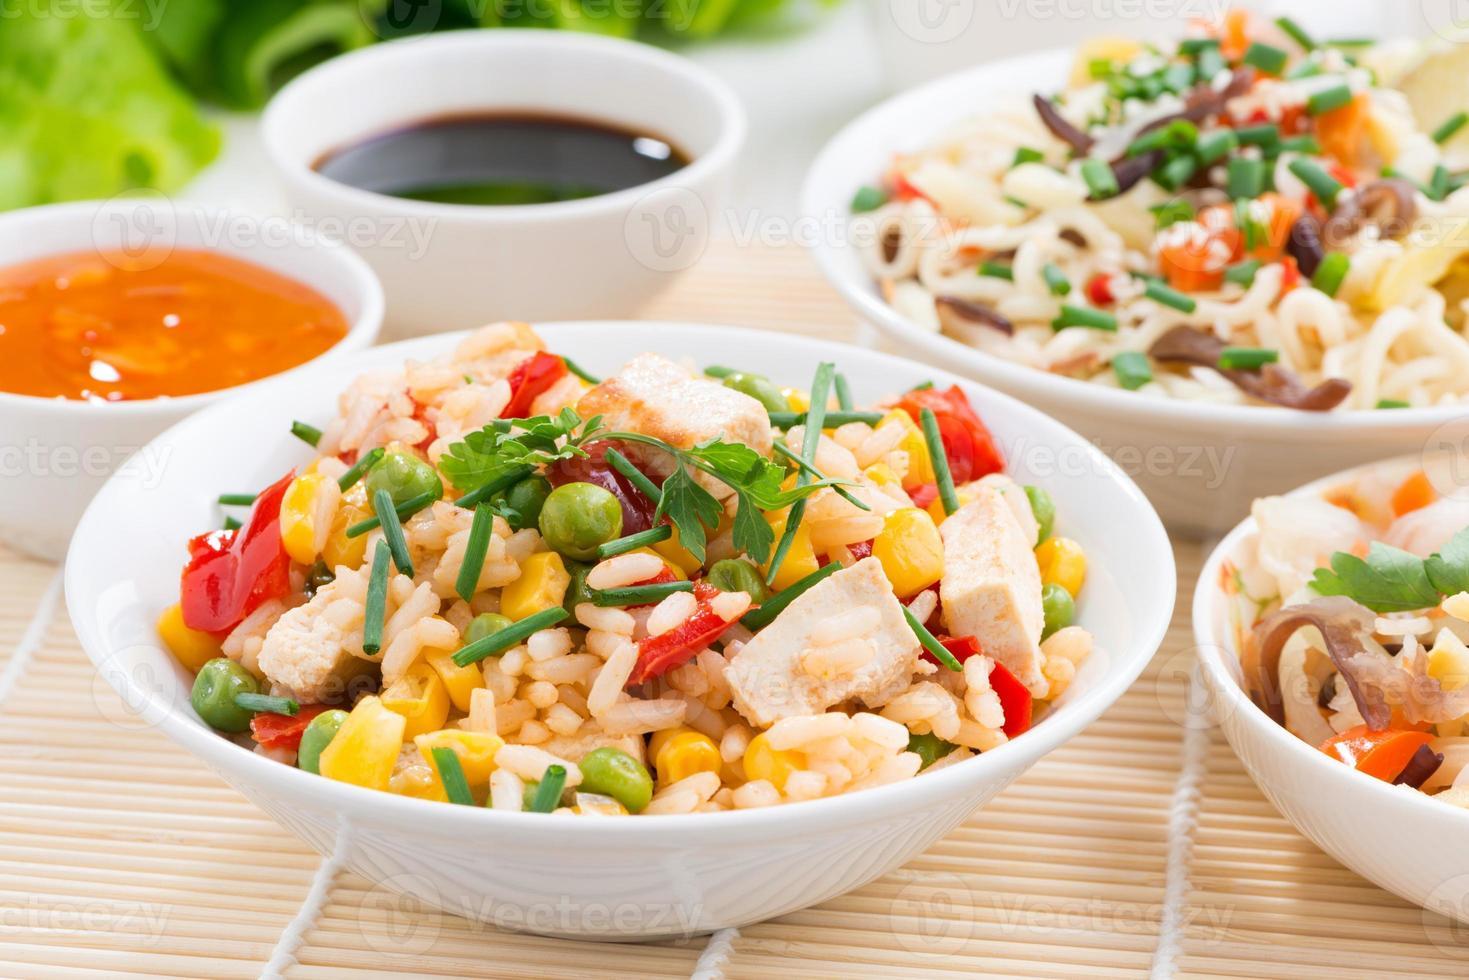 comida asiática - arroz frito com tofu, macarrão, legumes foto